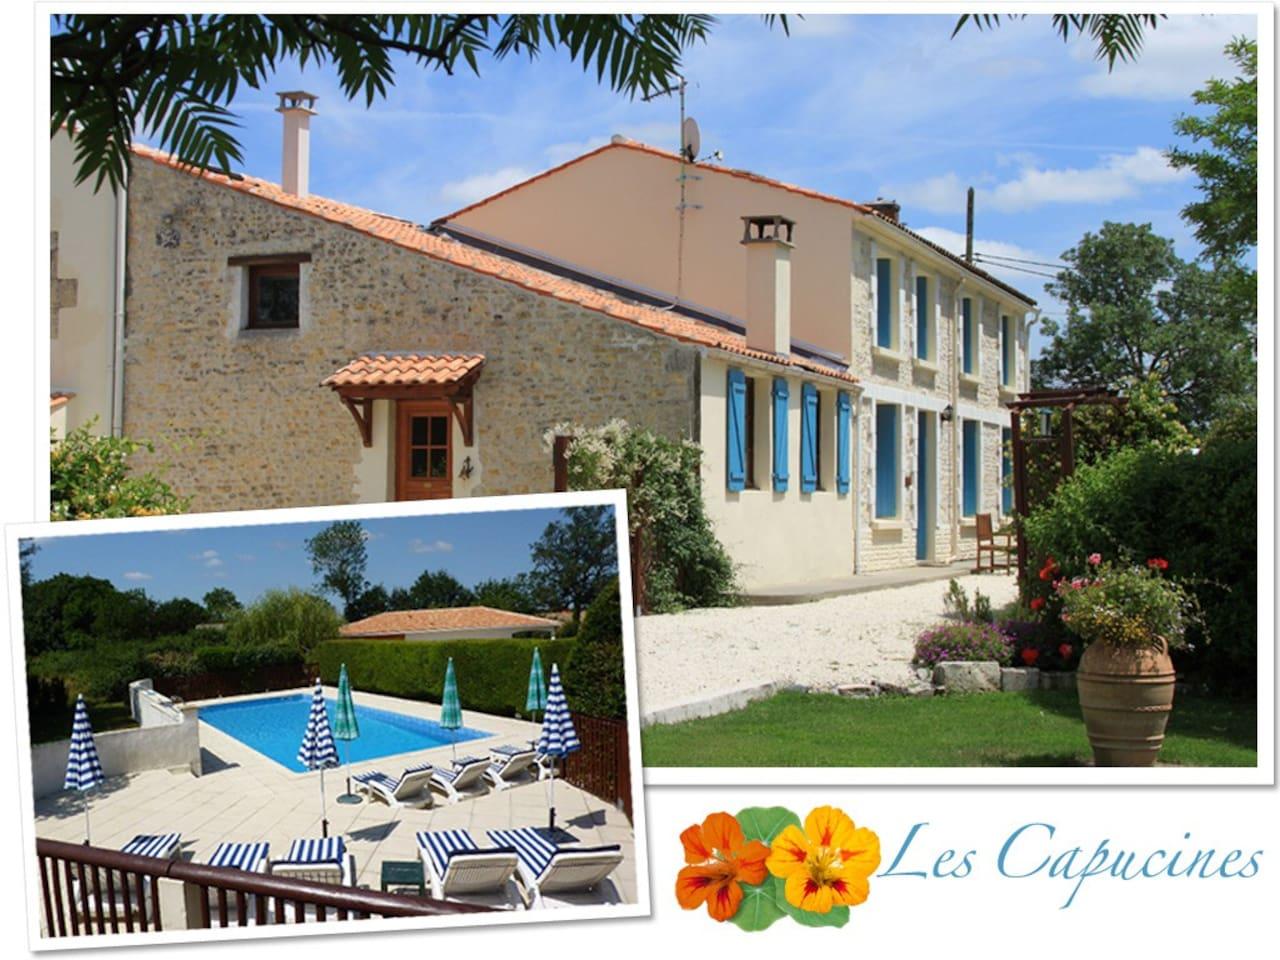 Beautiful C18th Charentaise Farmhouse Gite with Large Pool, near La Rochelle and Ile de Ré